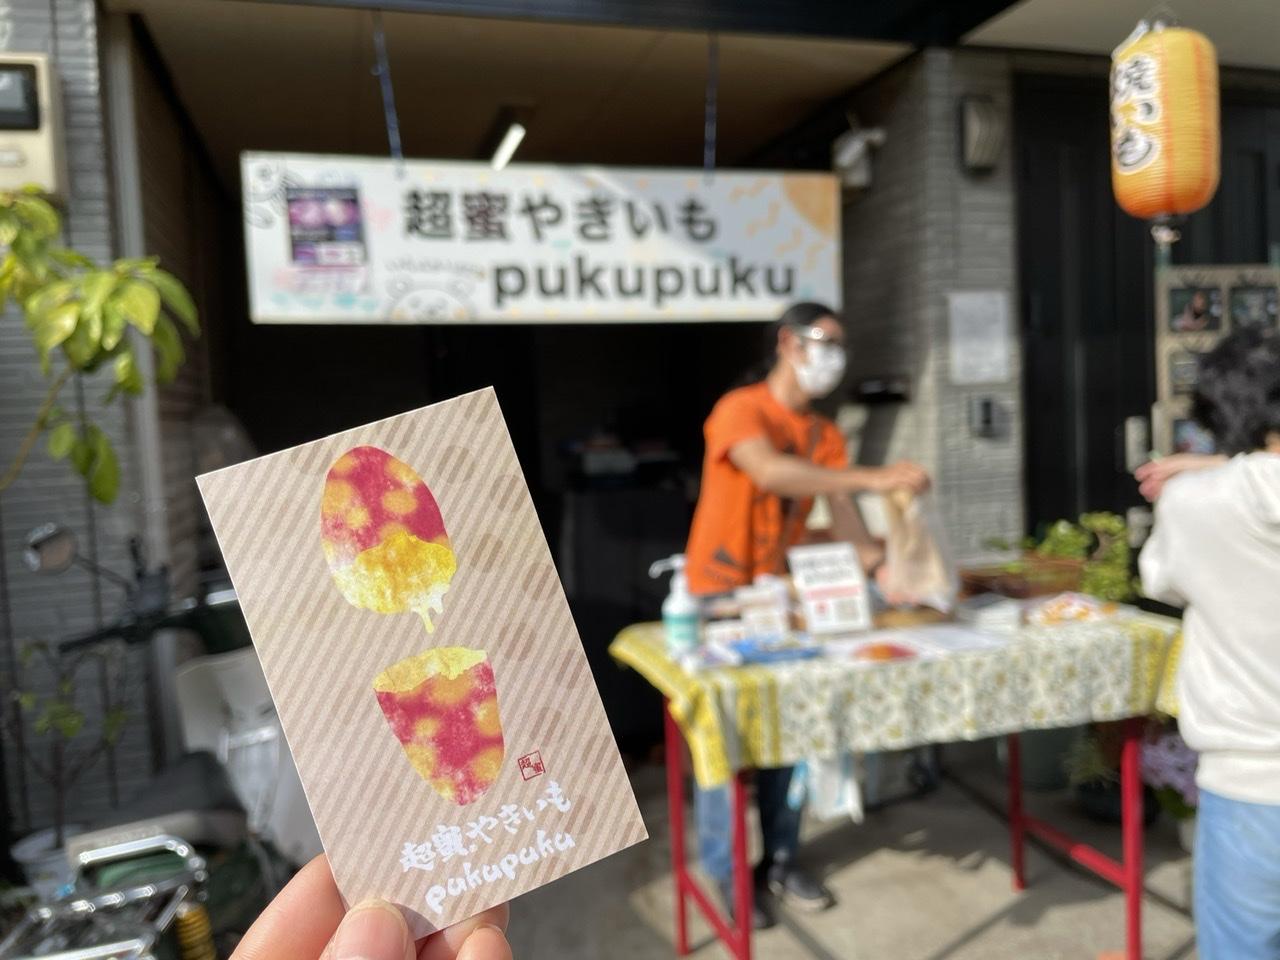 蜜が滴る…超蜜やきいも。住宅街にひっそり佇む名店『pukupuku』_2